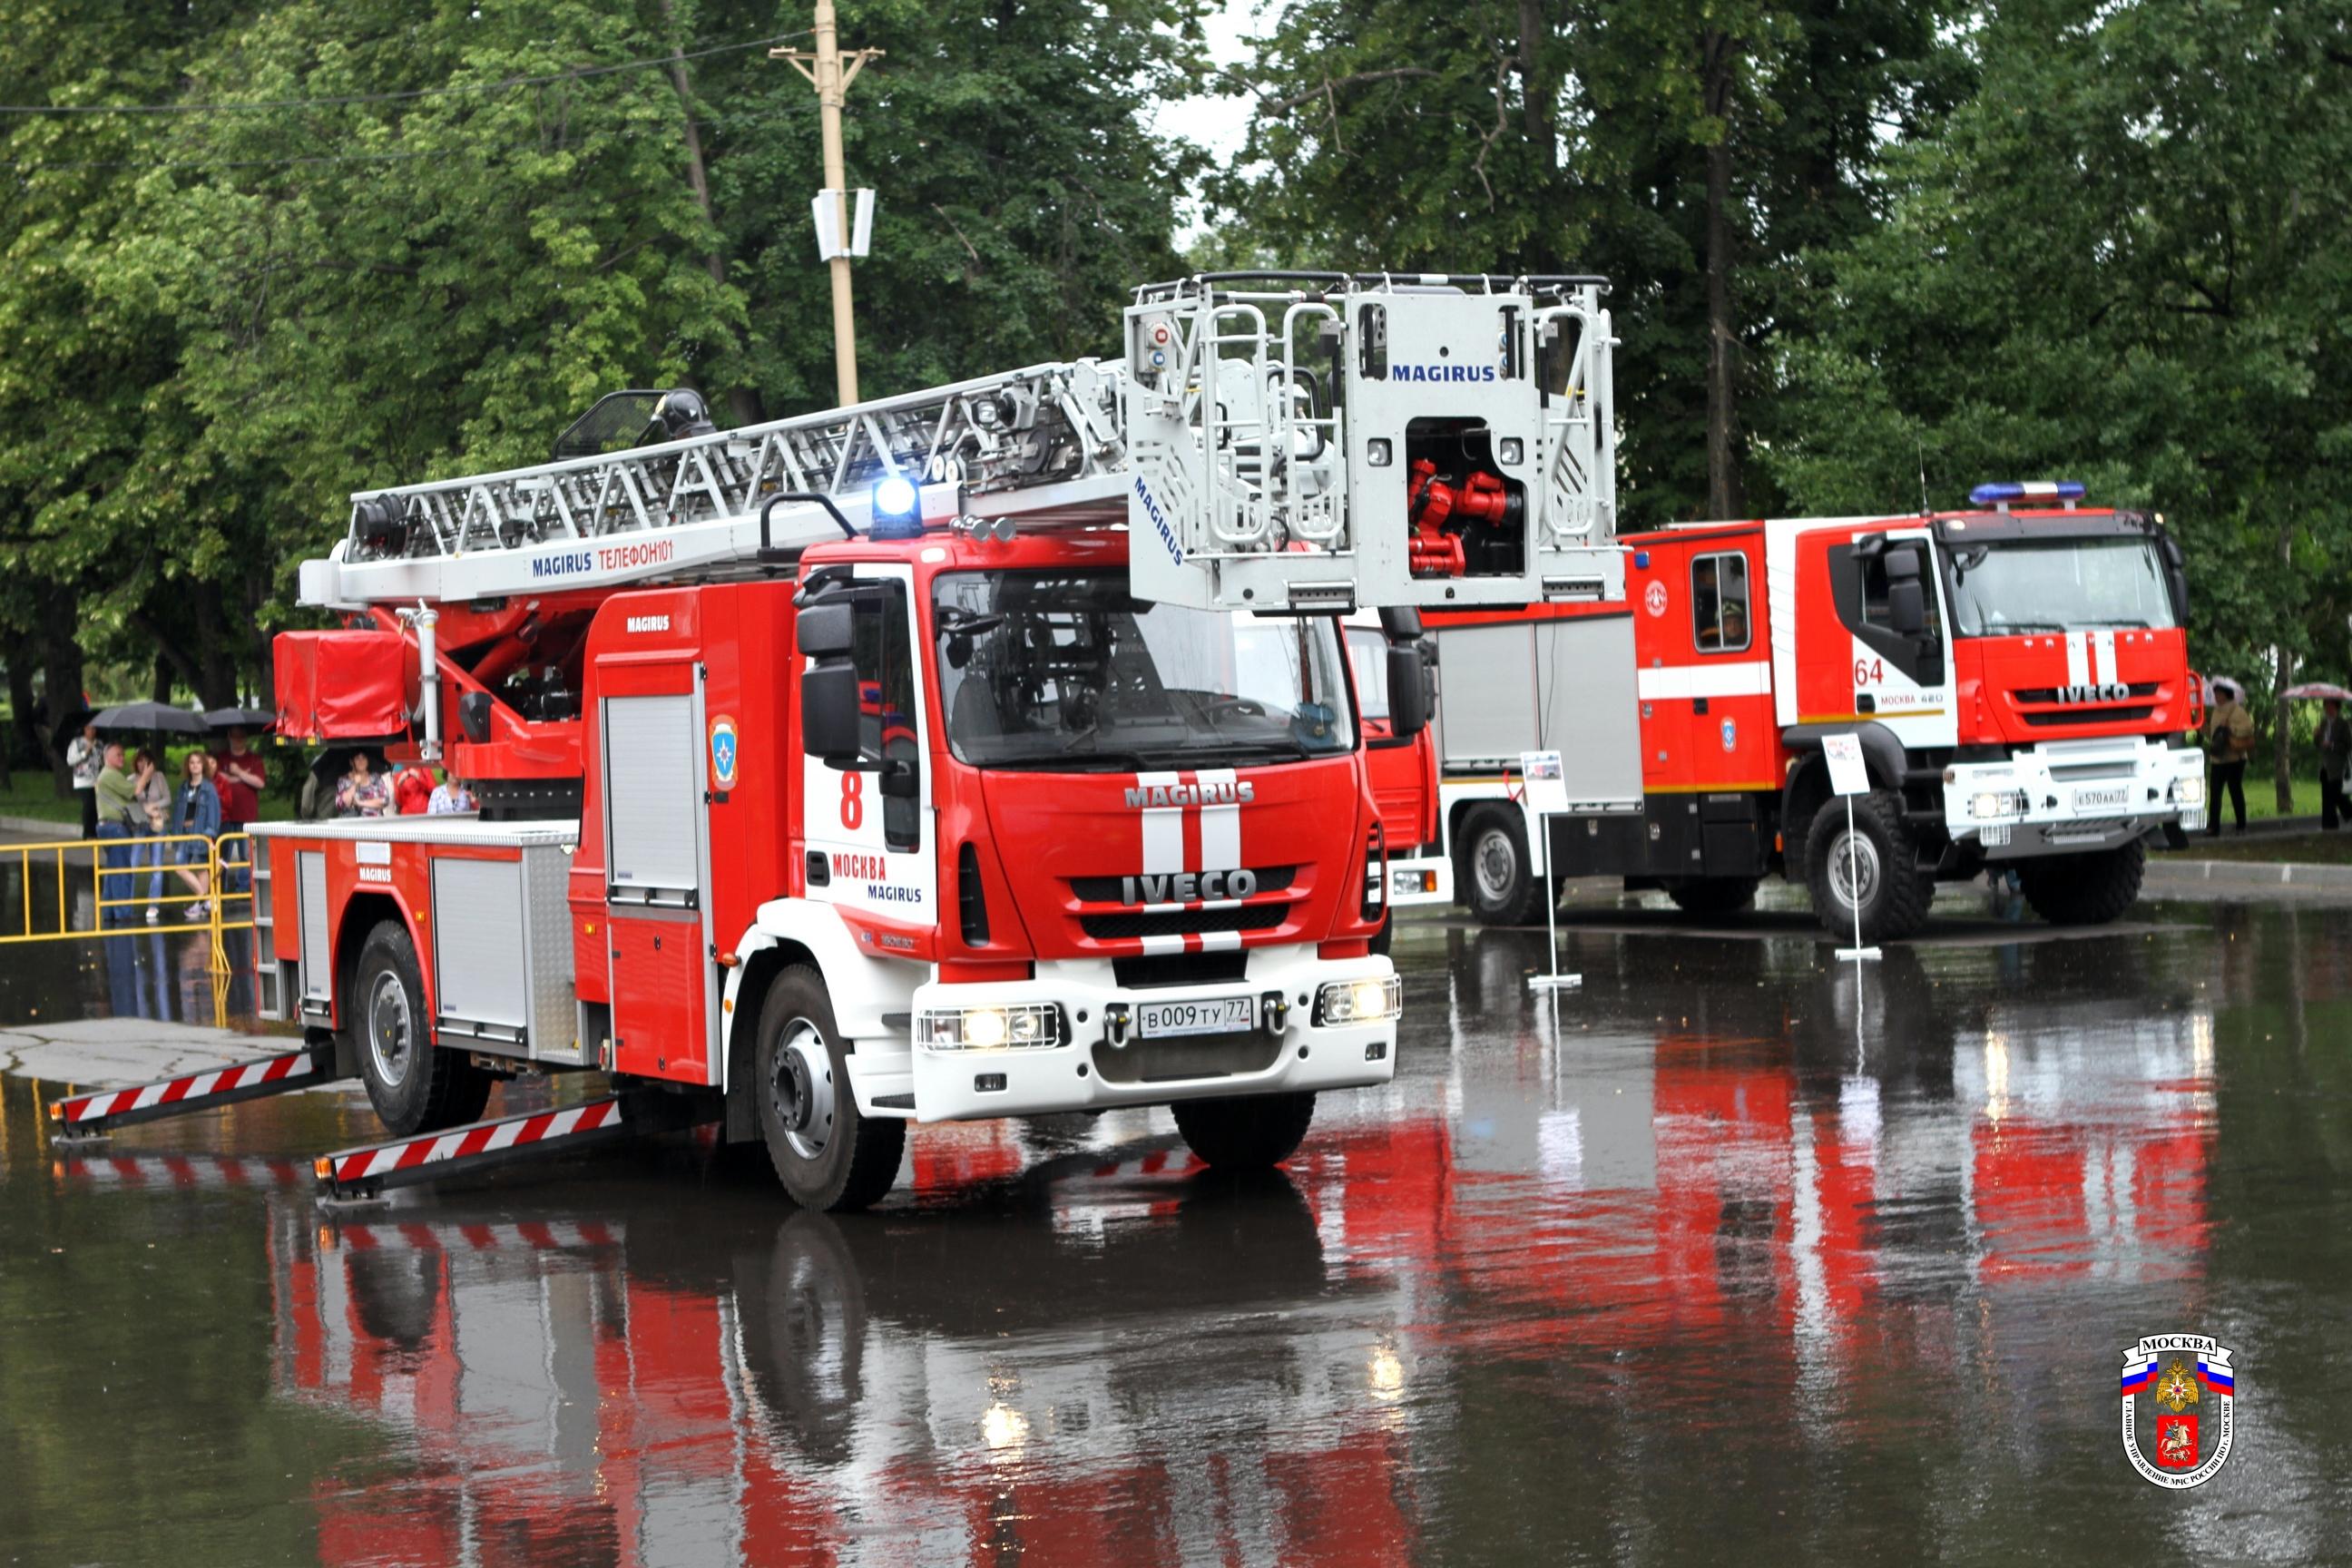 съемкам картинки пожарная служба россии что обязательно